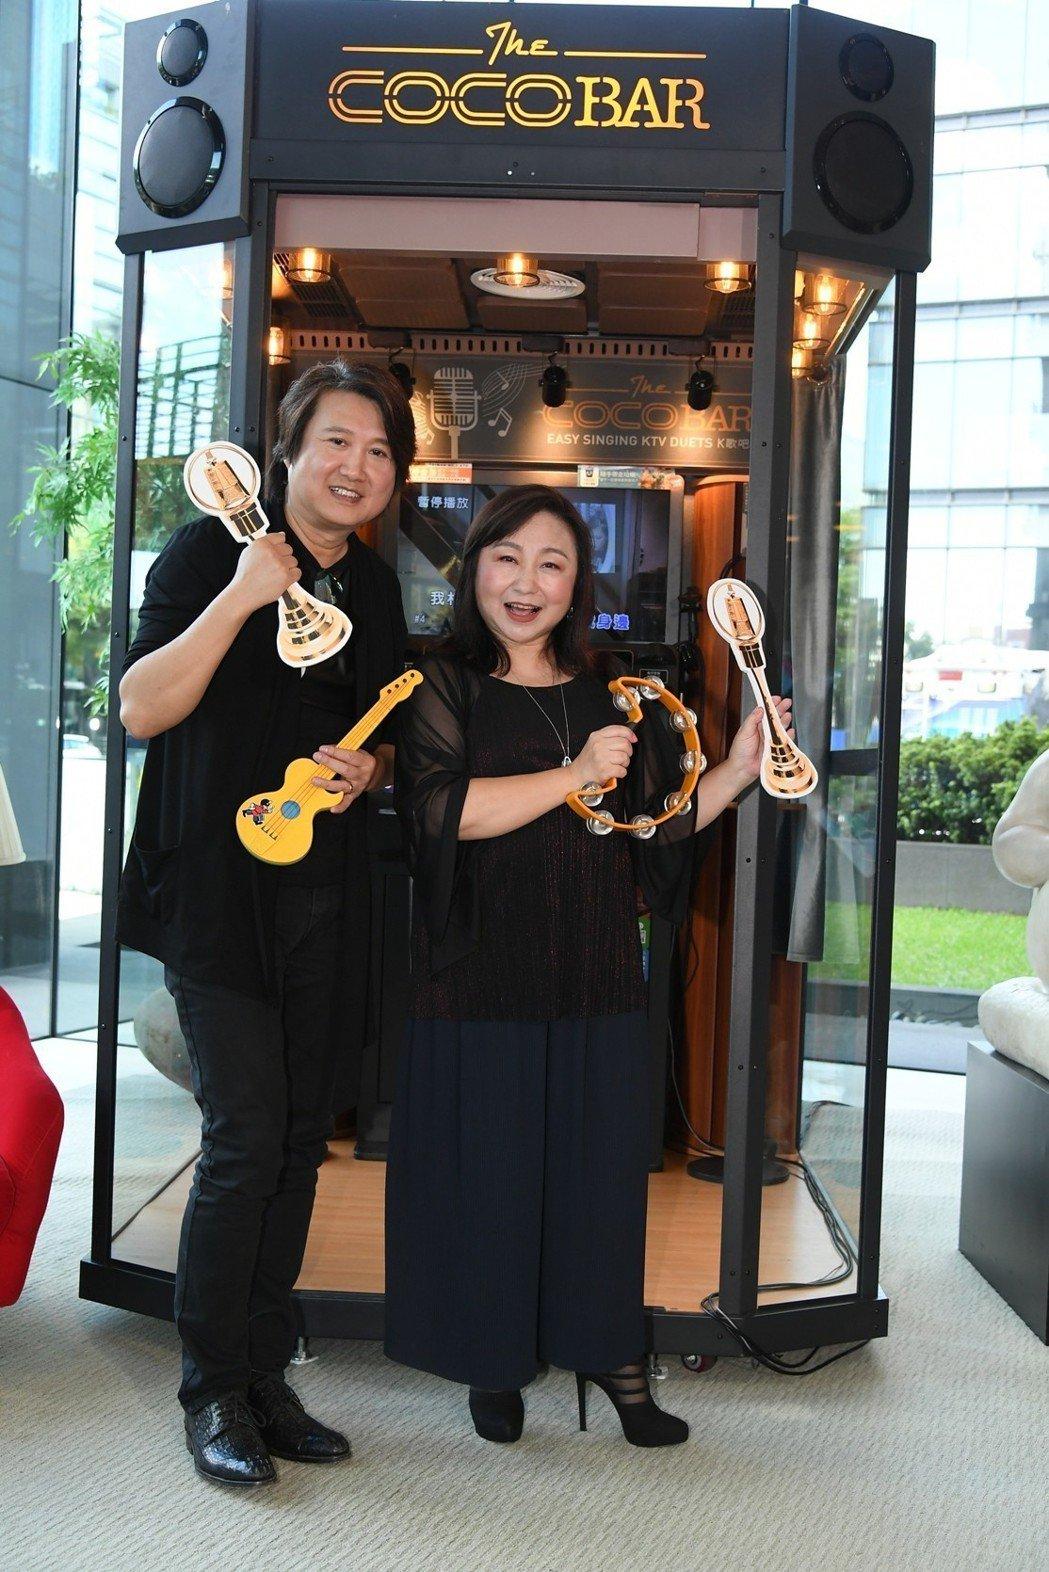 周治平(左)和鄭怡受邀在廣播金鐘典禮上擔任表演嘉賓。圖/三立提供